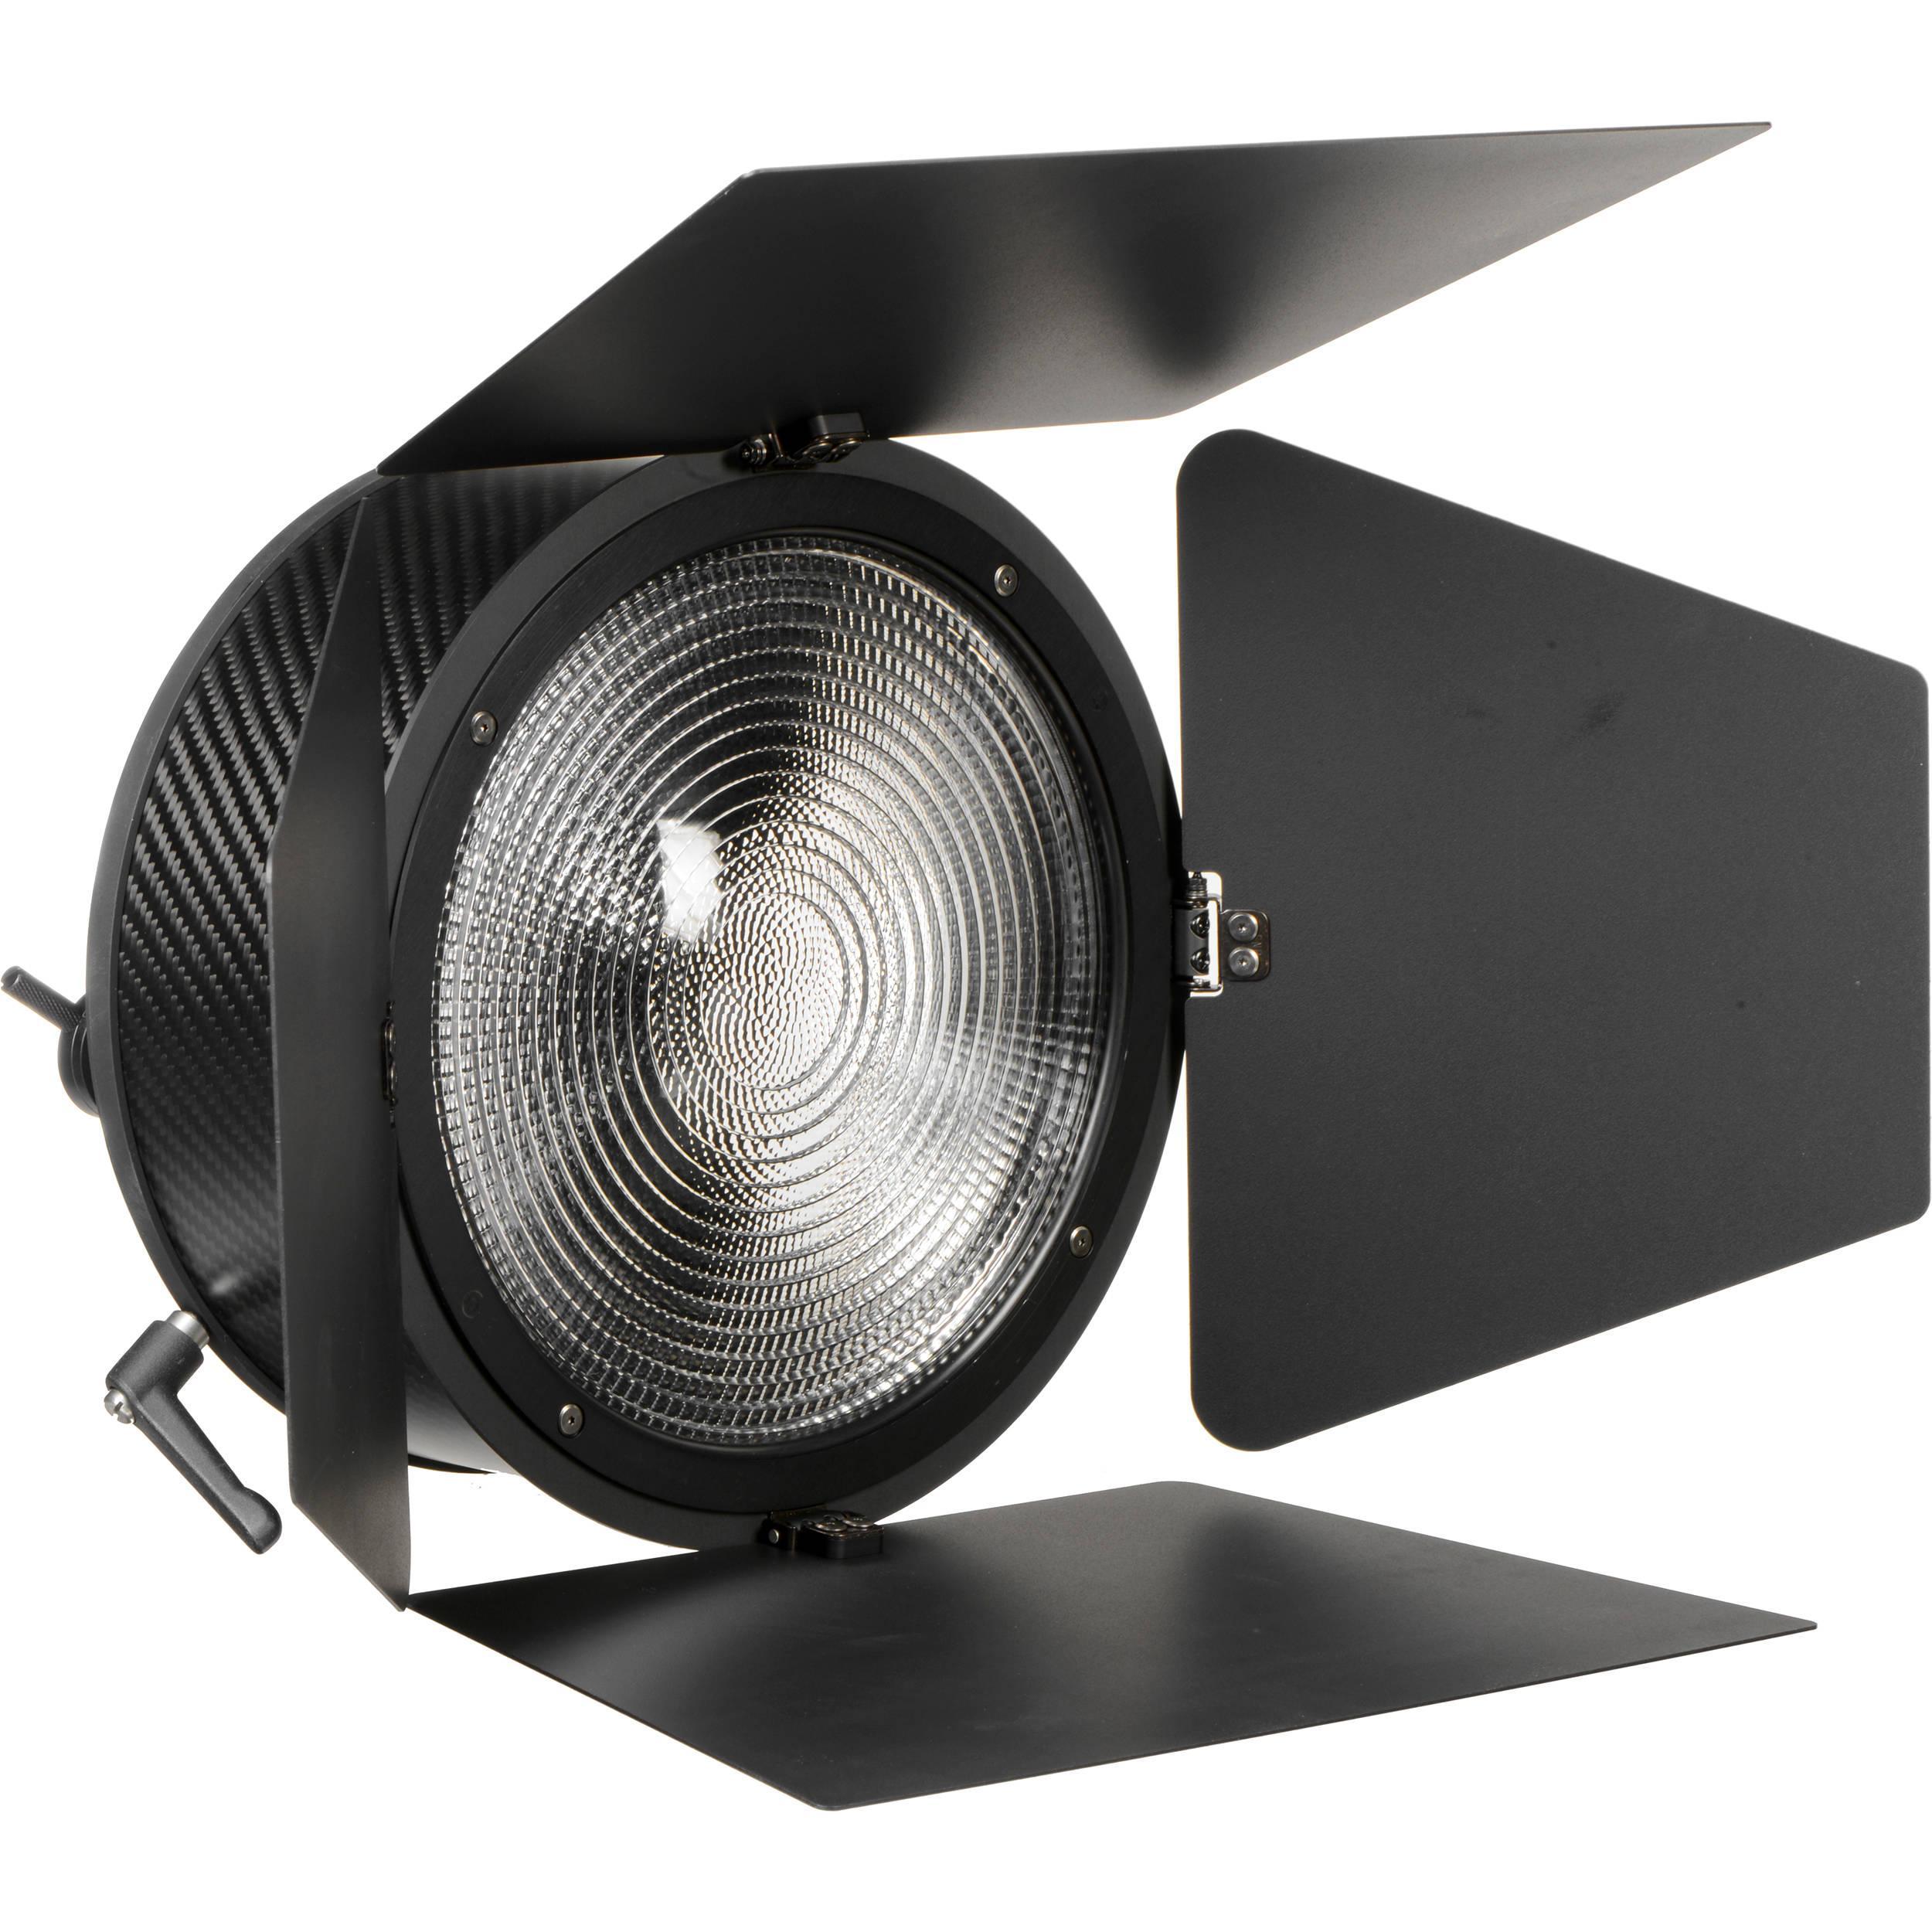 LED FIILEX Q1000 FRESNEL XL